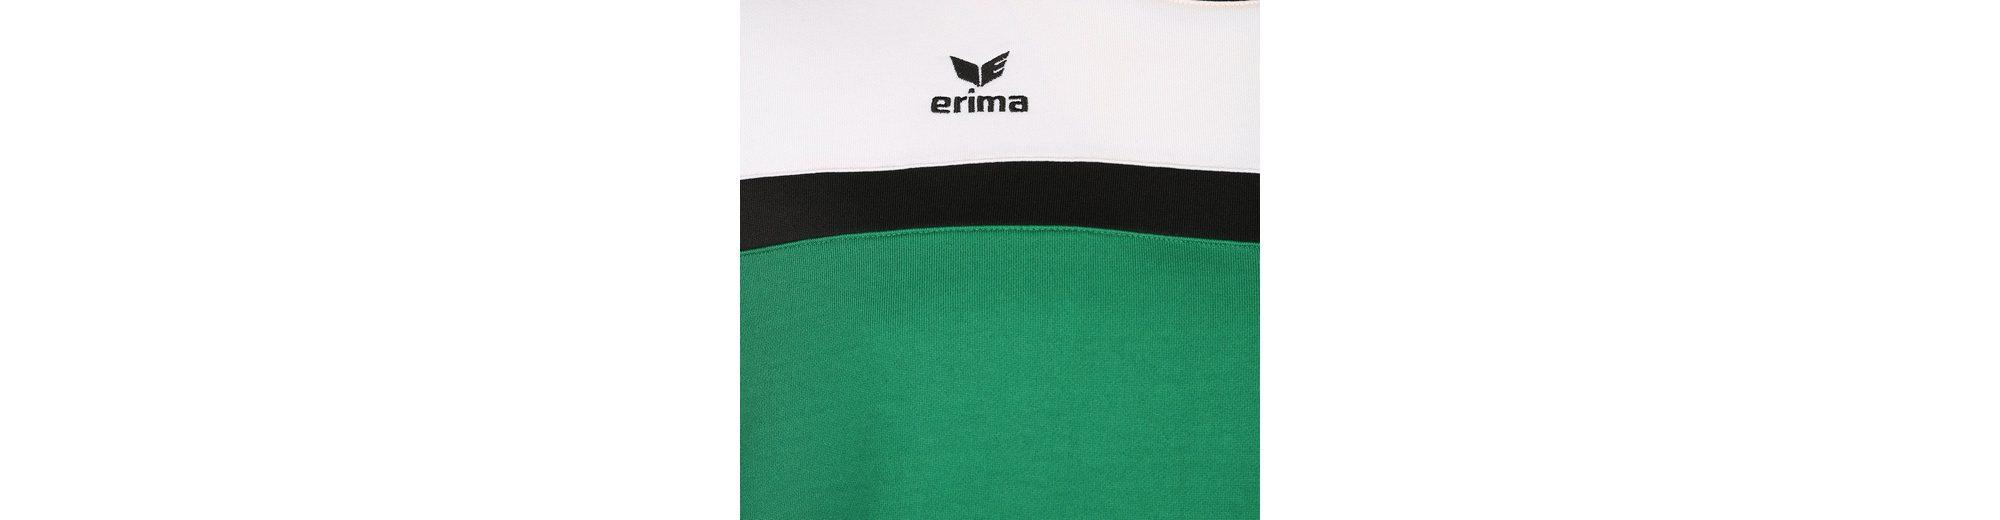 ERIMA 5-CUBES Trainingssweat Herren Spielraum Wirklich Zu Verkaufen Neuer Stil Billig Sehr Billig Billig Verkauf Zum Verkauf w68NeKN